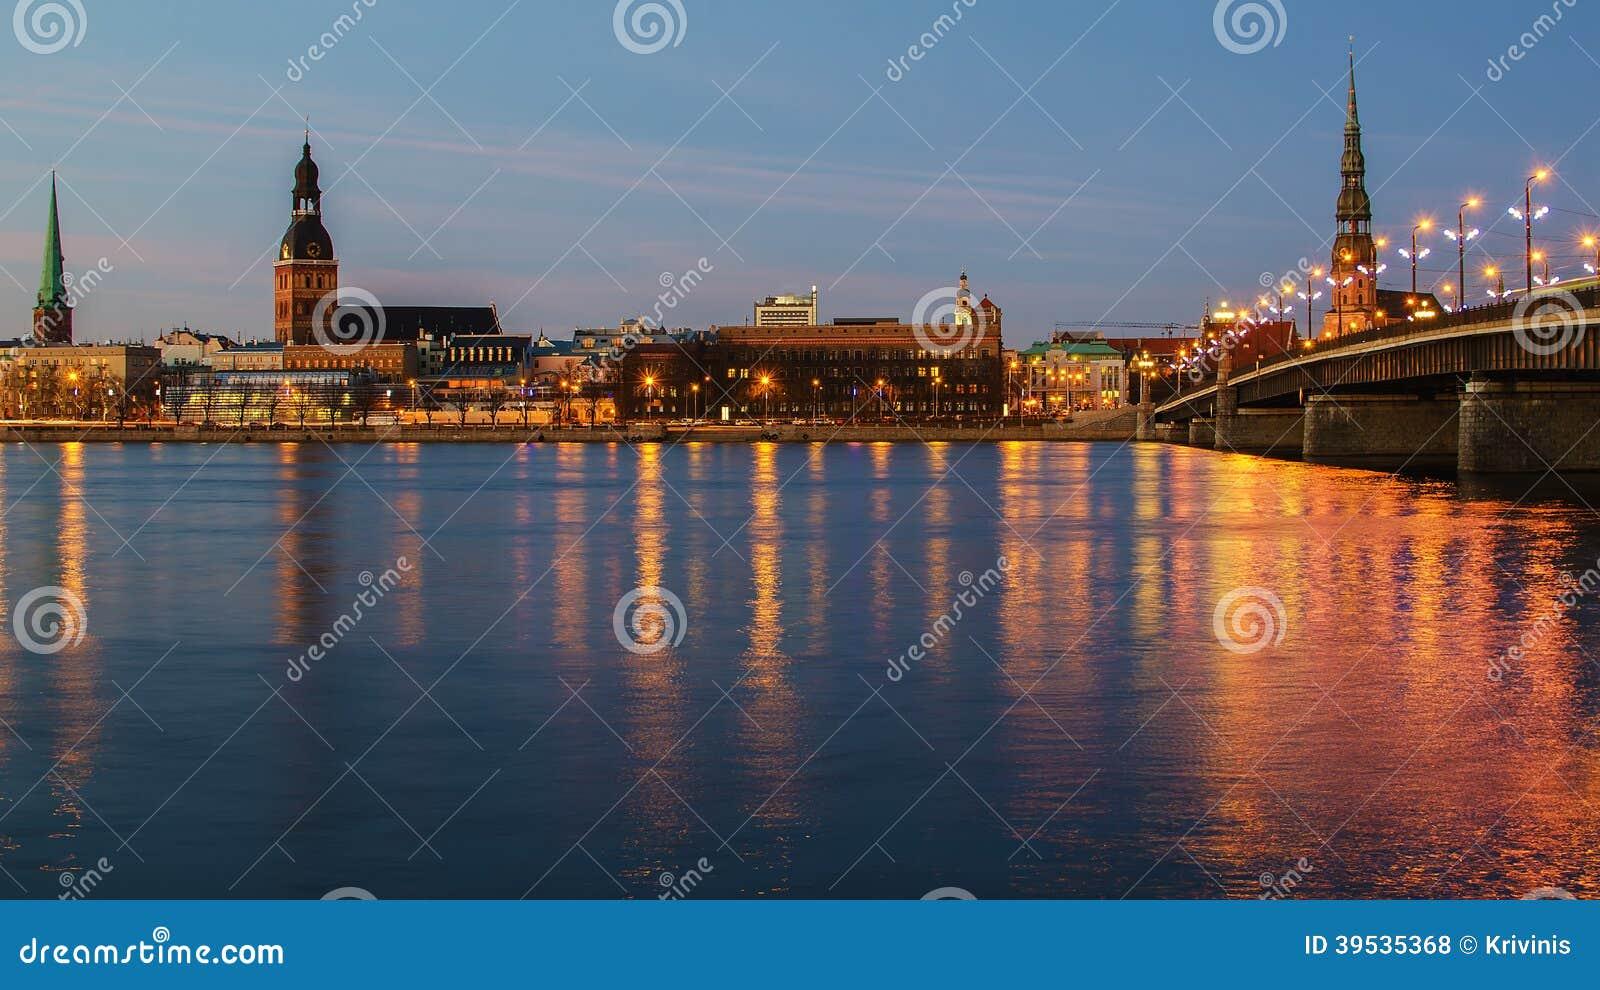 Riga (Latvia) at night